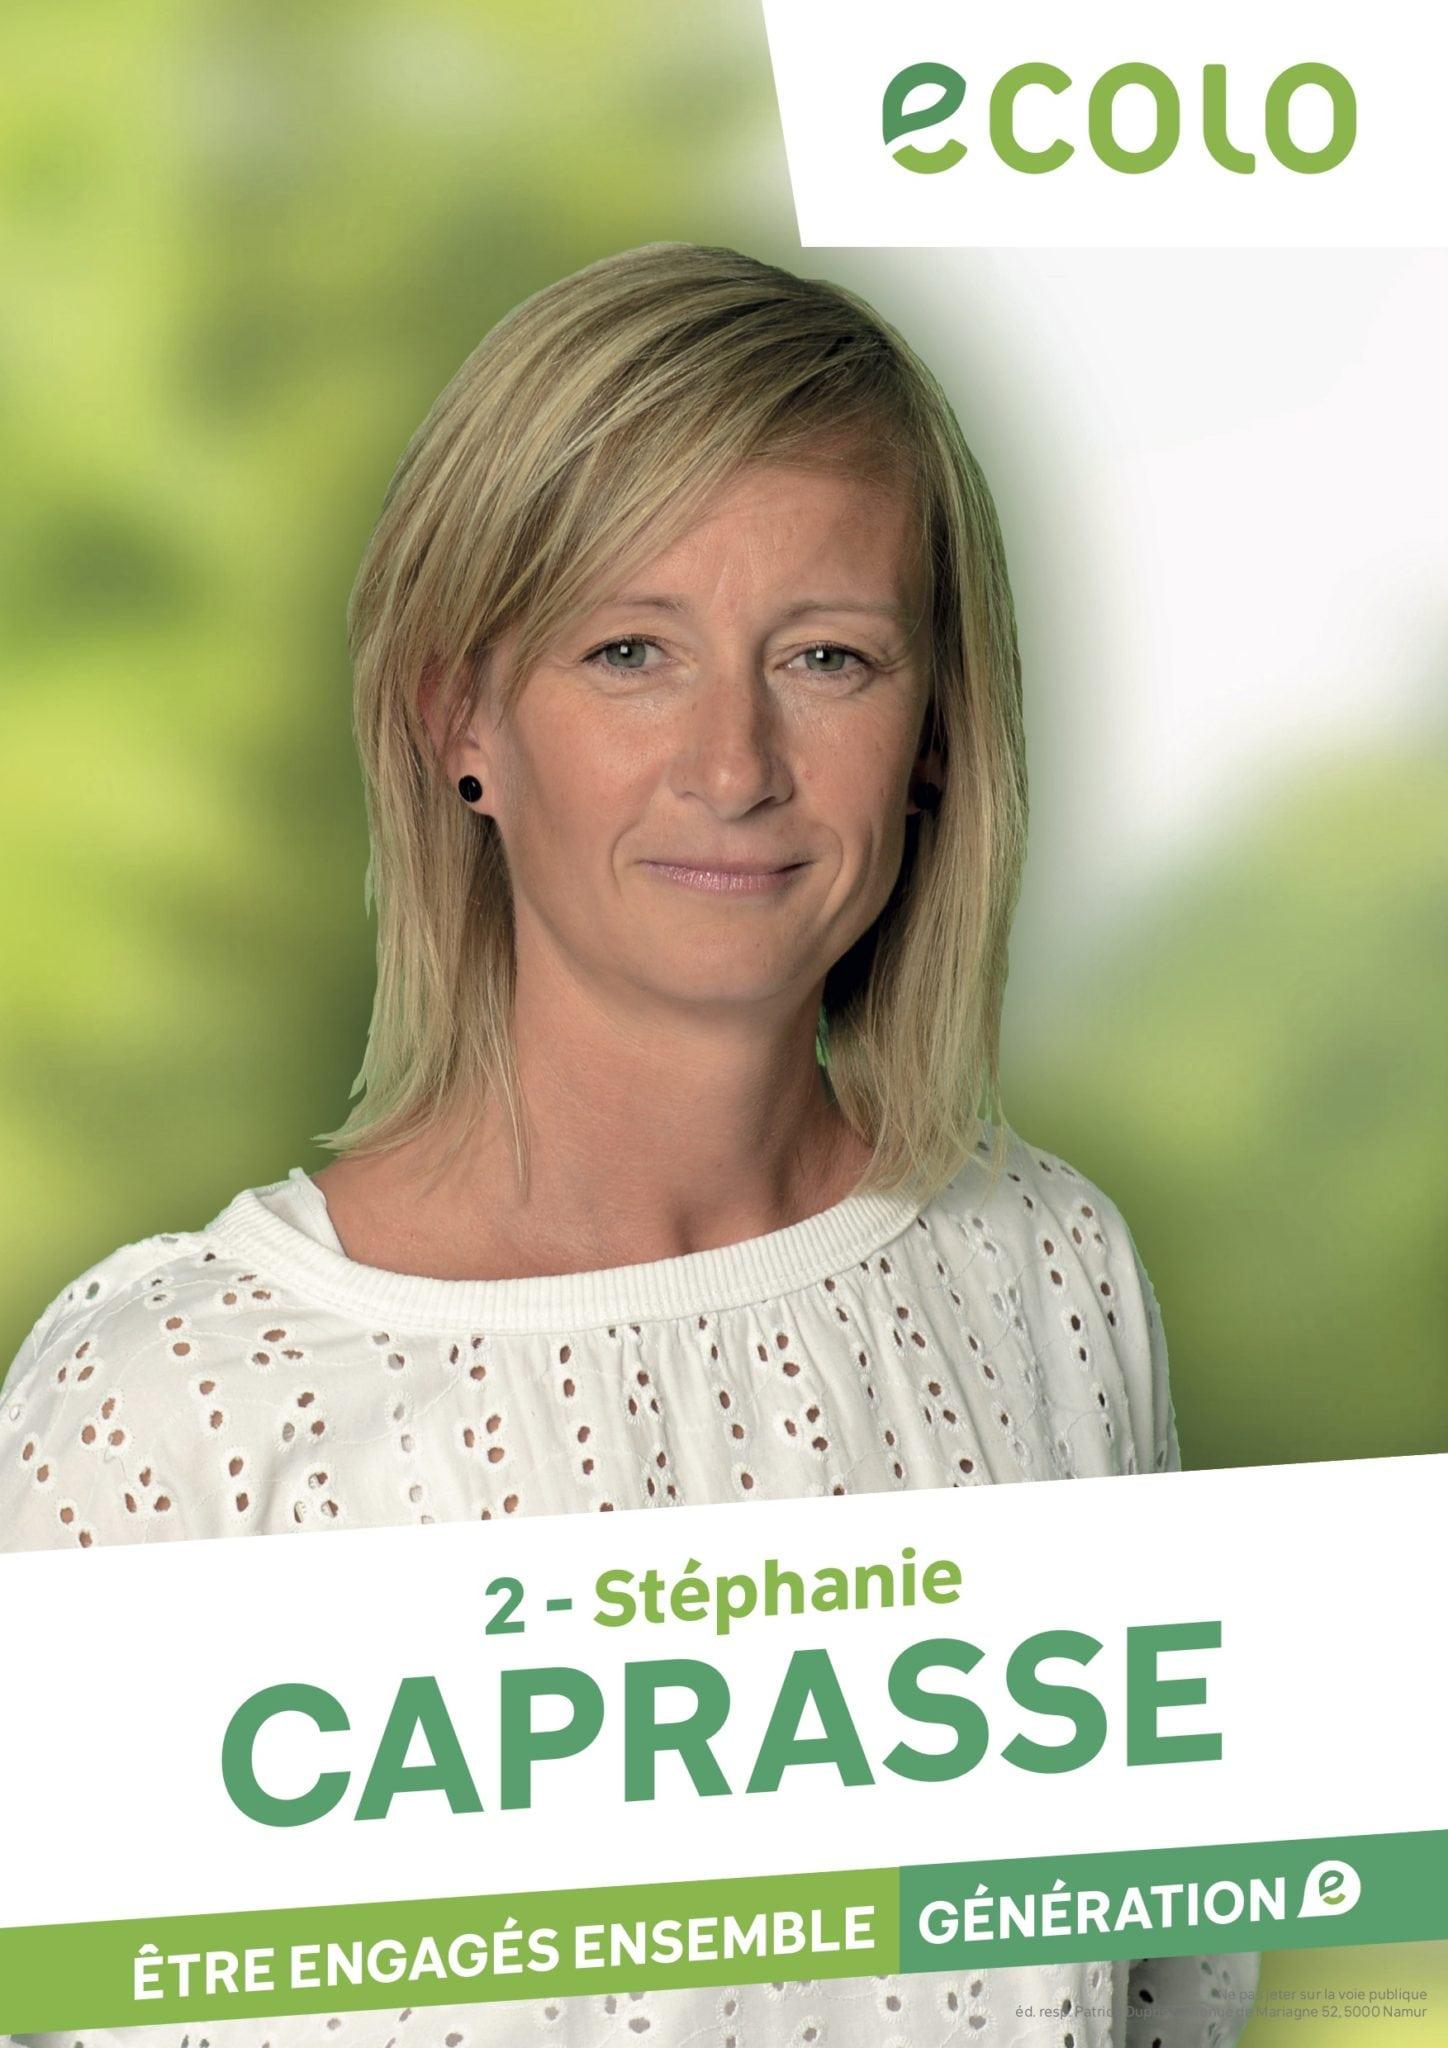 Stéphanie Caprasse